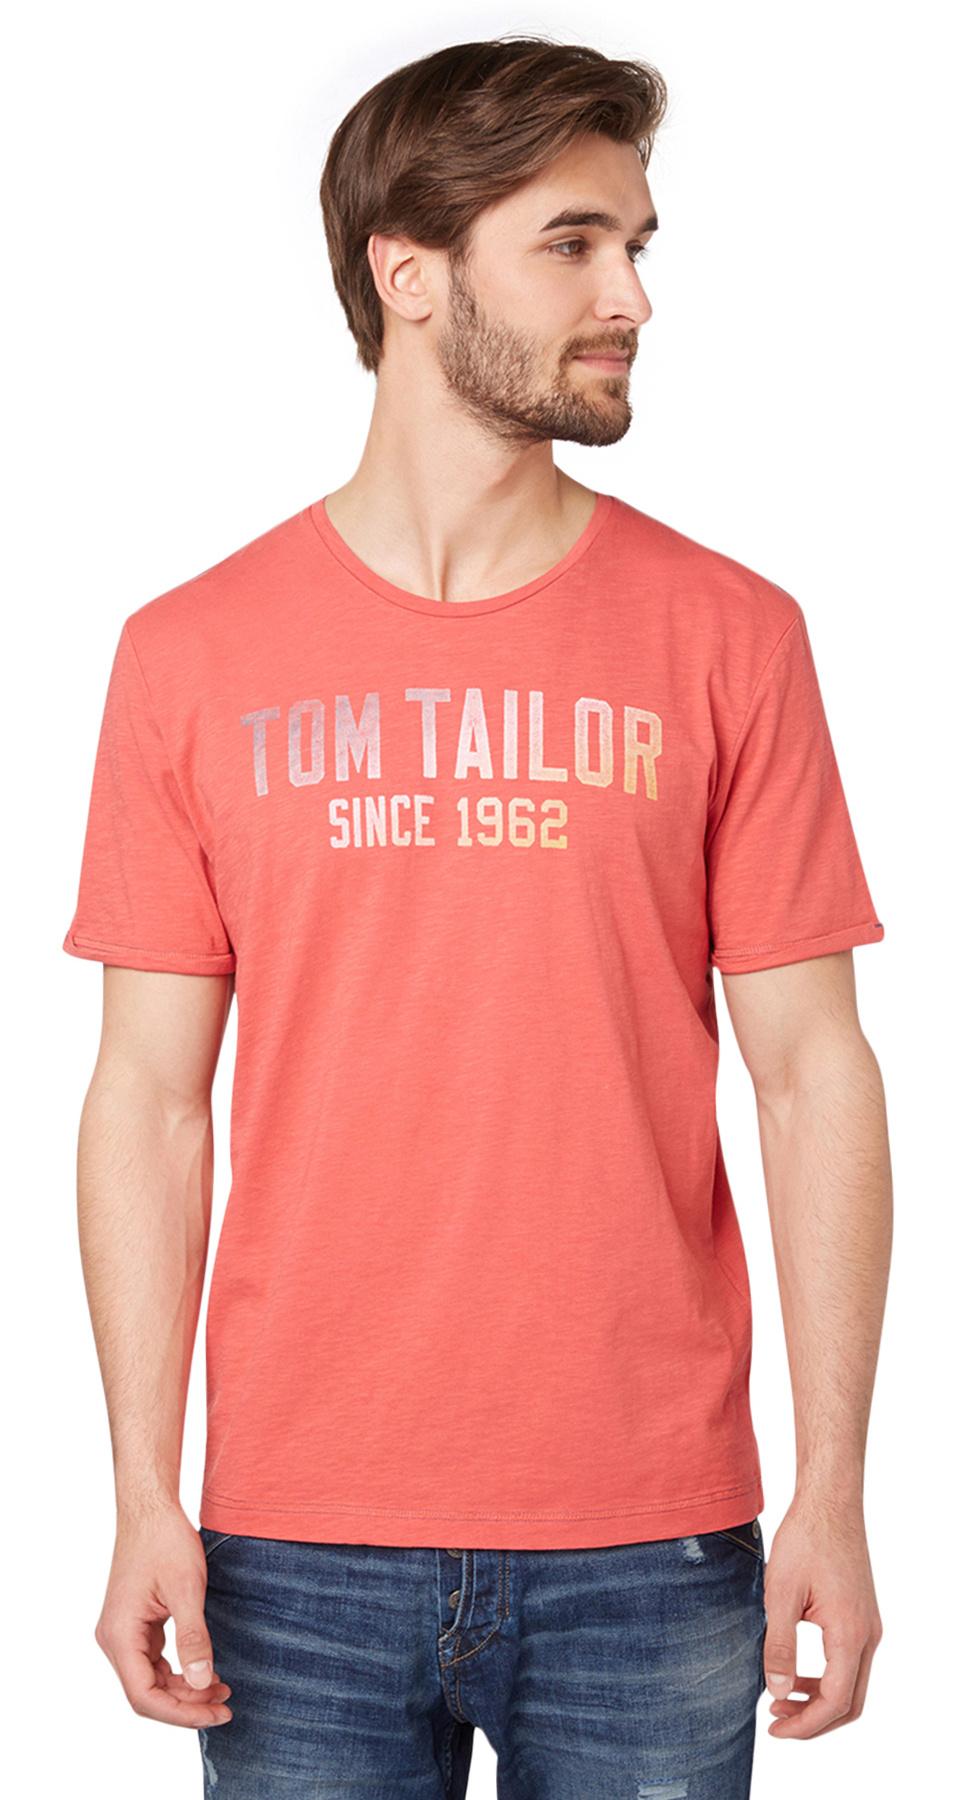 Tom Tailor pánské triko 10350006210/4502 Červená XXL